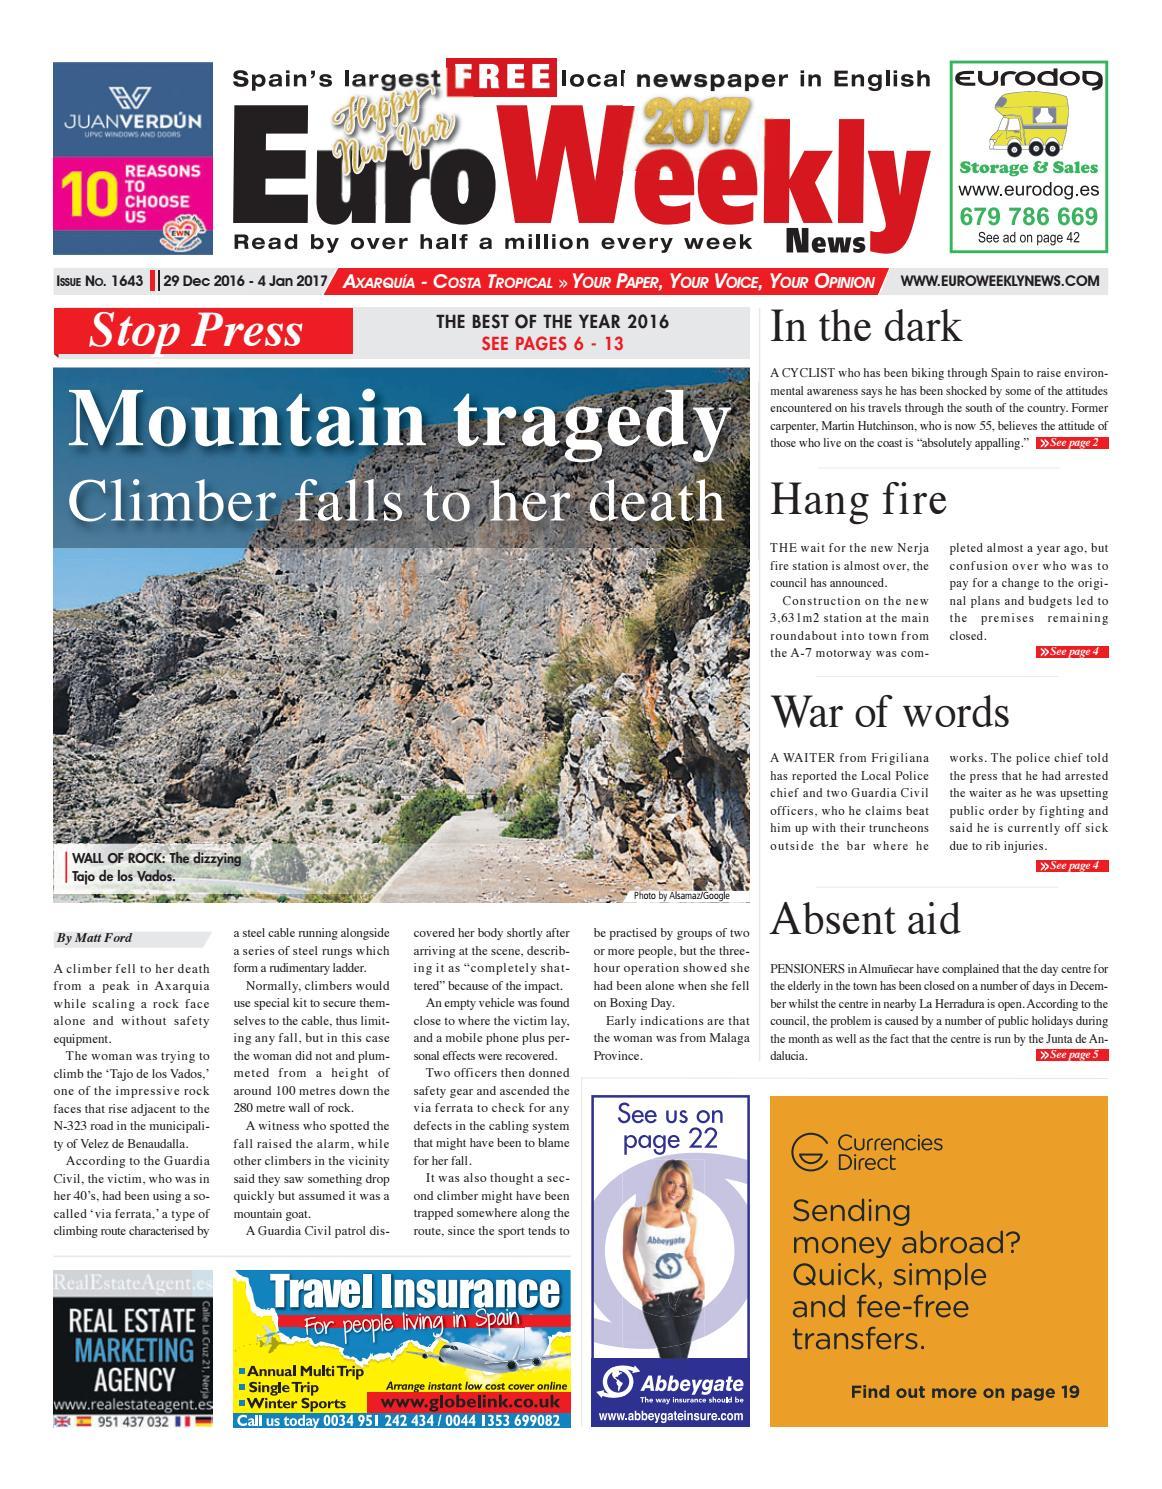 Euro weekly news axarquia 29 december 2016 4 january 2017 issue euro weekly news axarquia 29 december 2016 4 january 2017 issue 1643 by euro weekly news media sa issuu fandeluxe Images